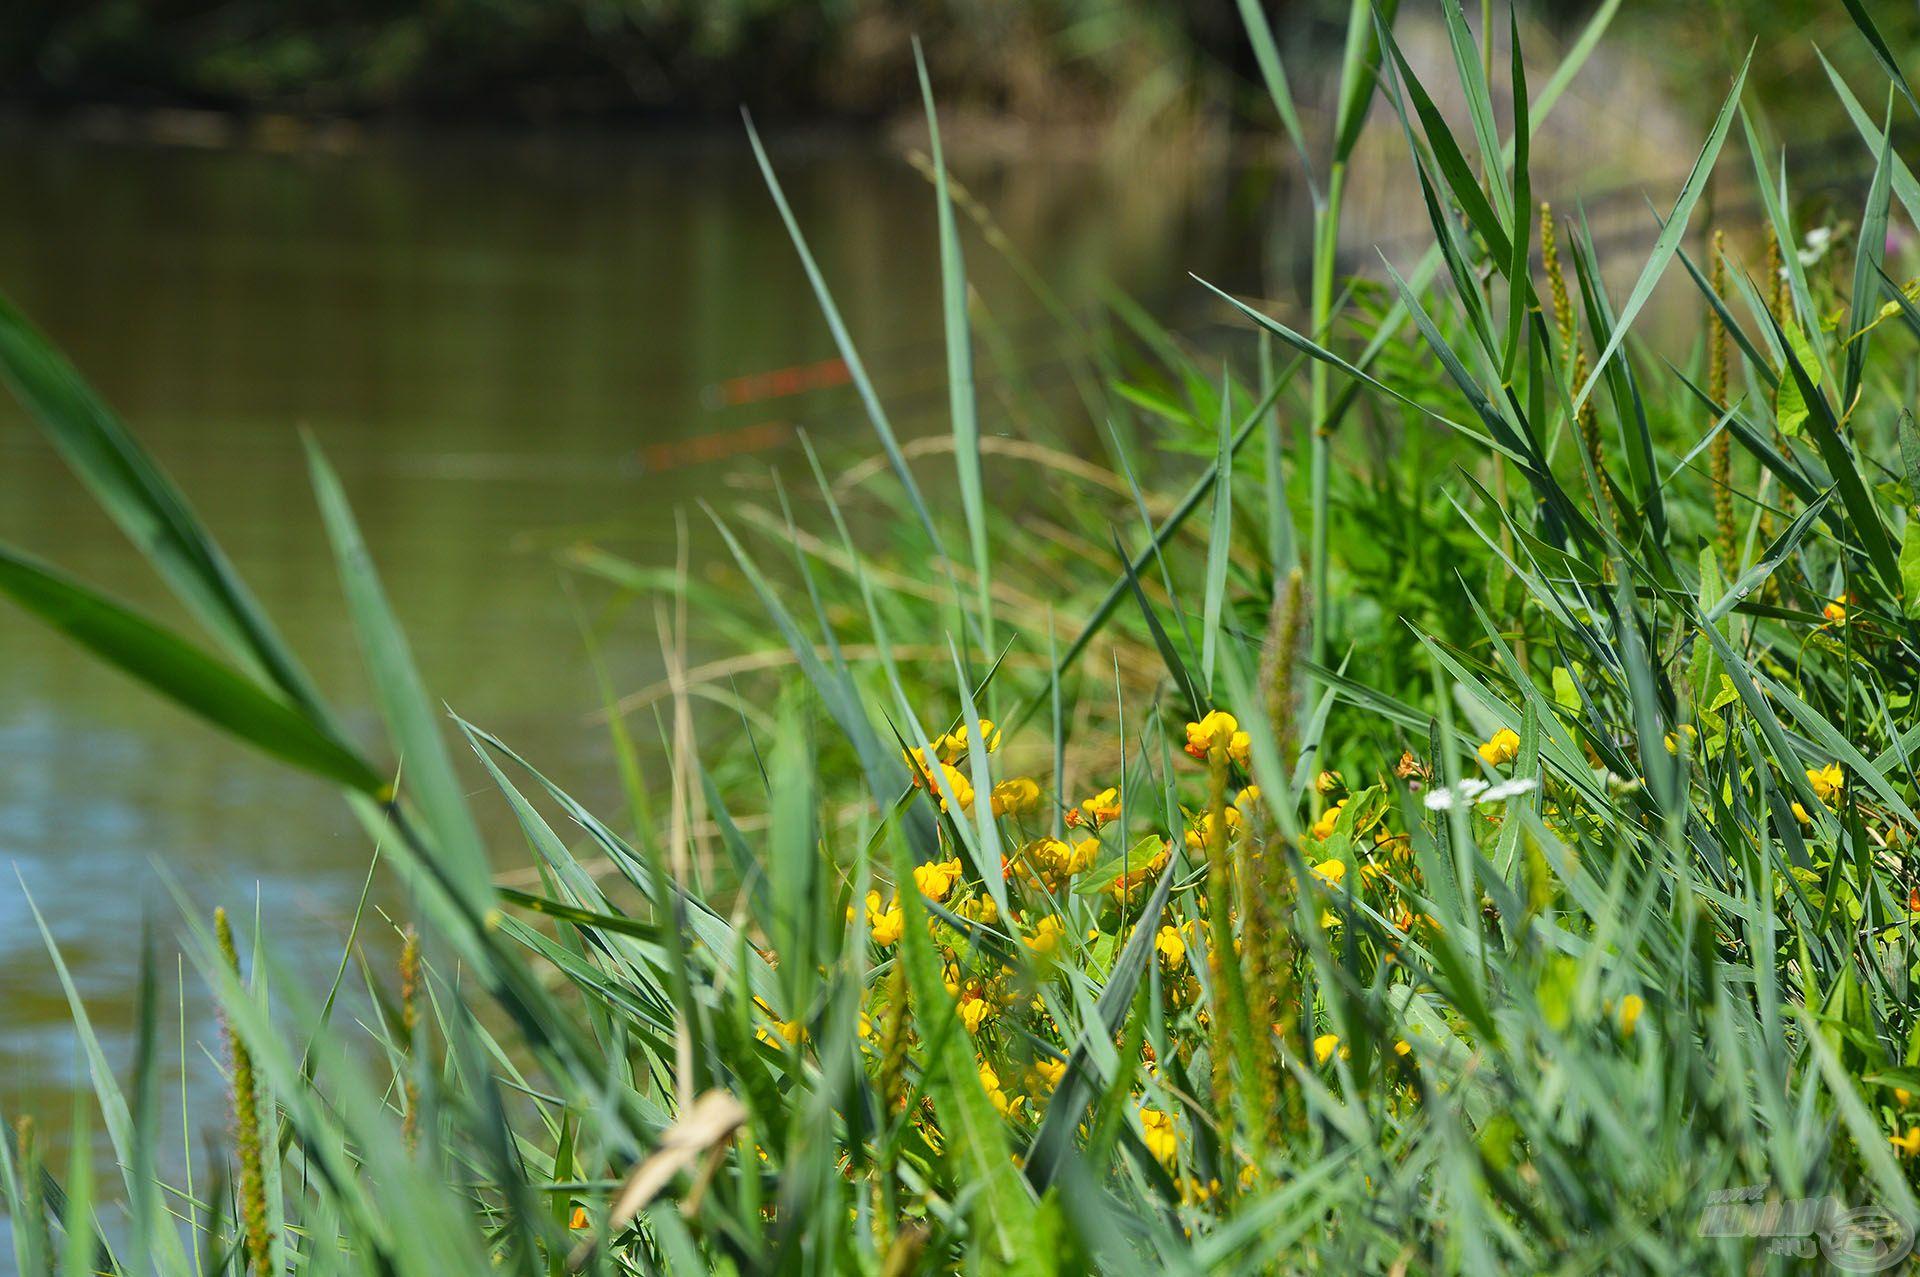 A nyár színfoltjai még szebbé tarkítják az üde zöld környezetet